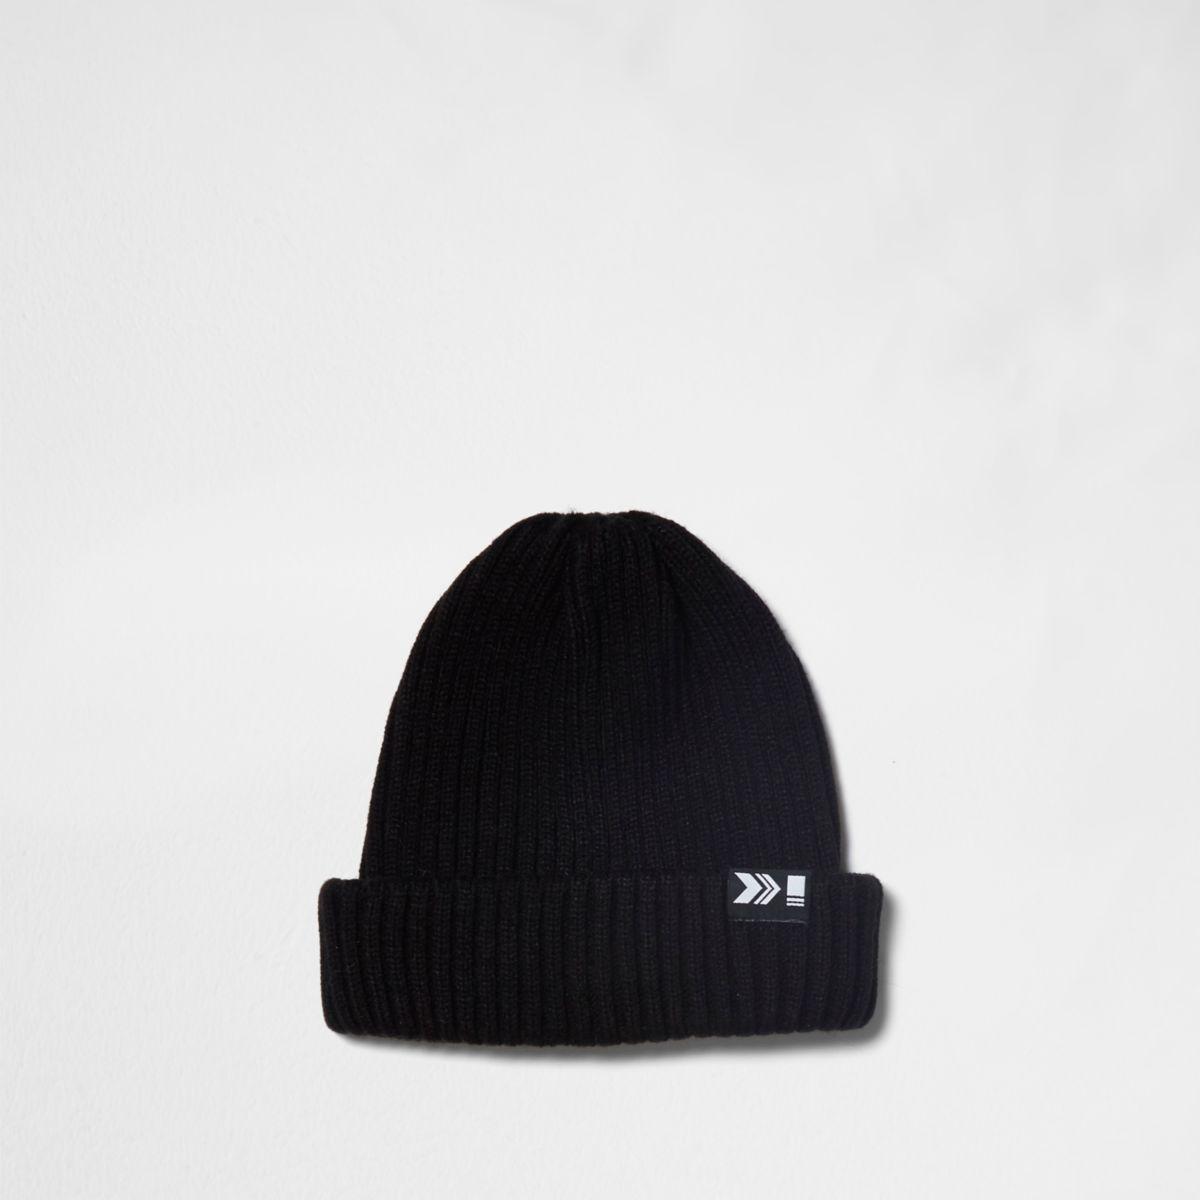 Bonnet de pêcheur en maille côtelée noir